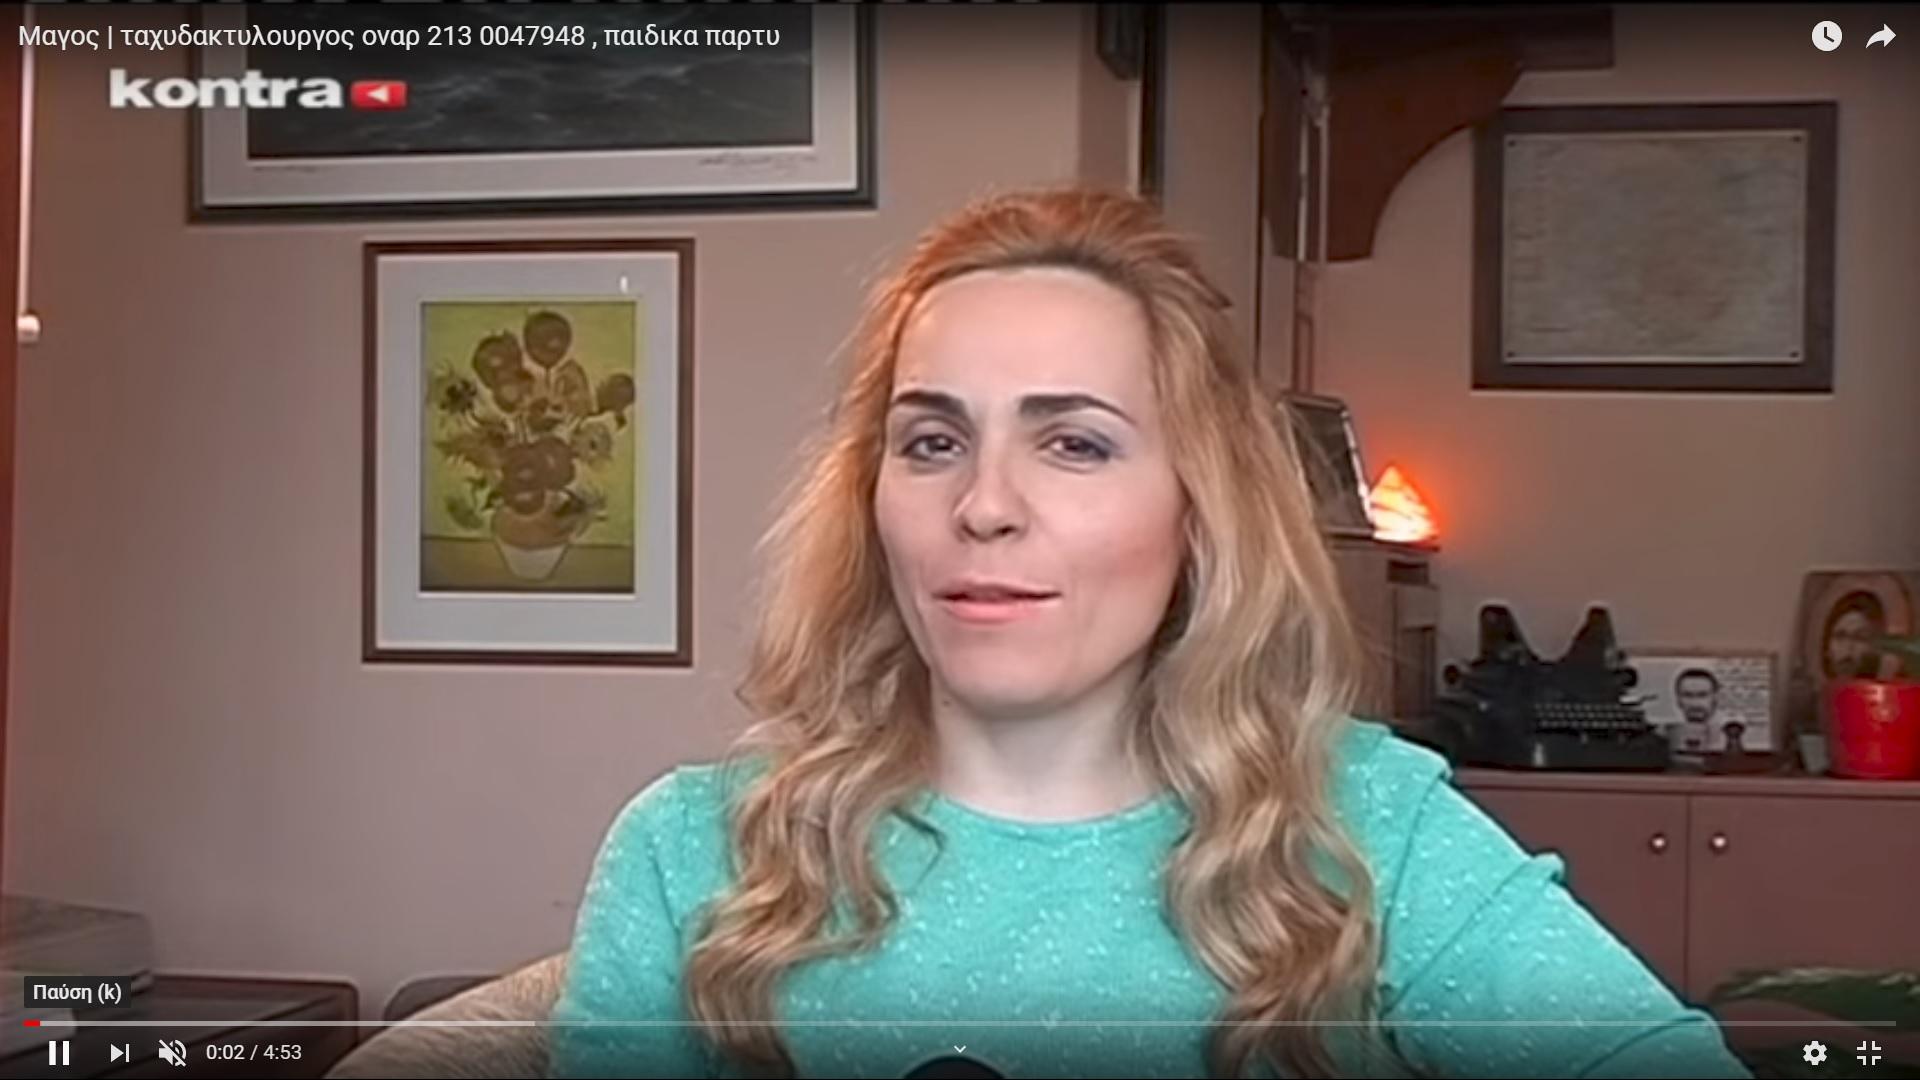 Ταχυδακτυλουργός οναρ βίντεος